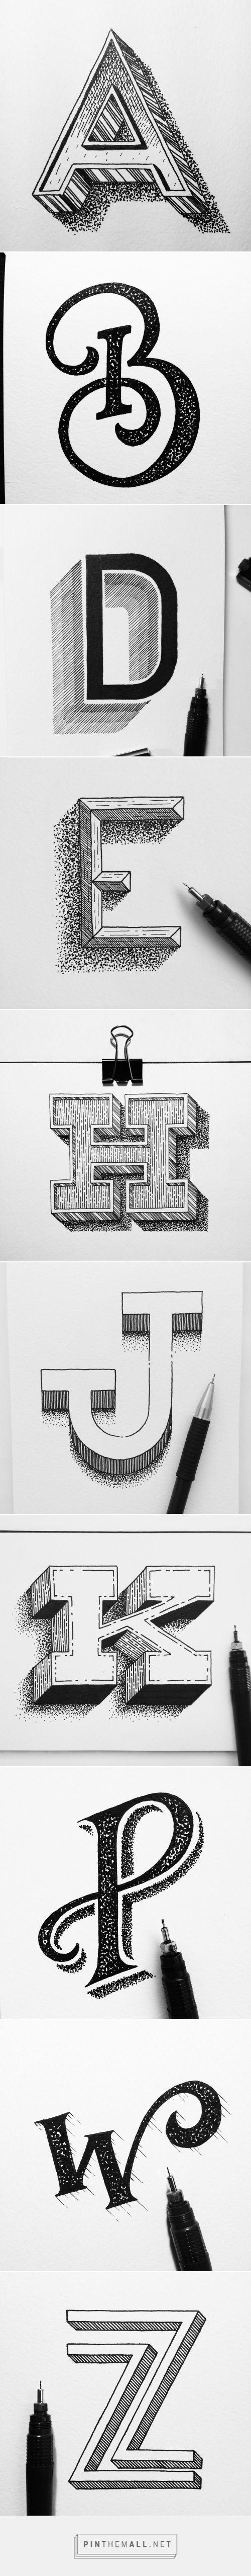 best 25 capital cursive letters ideas on pinterest cursive